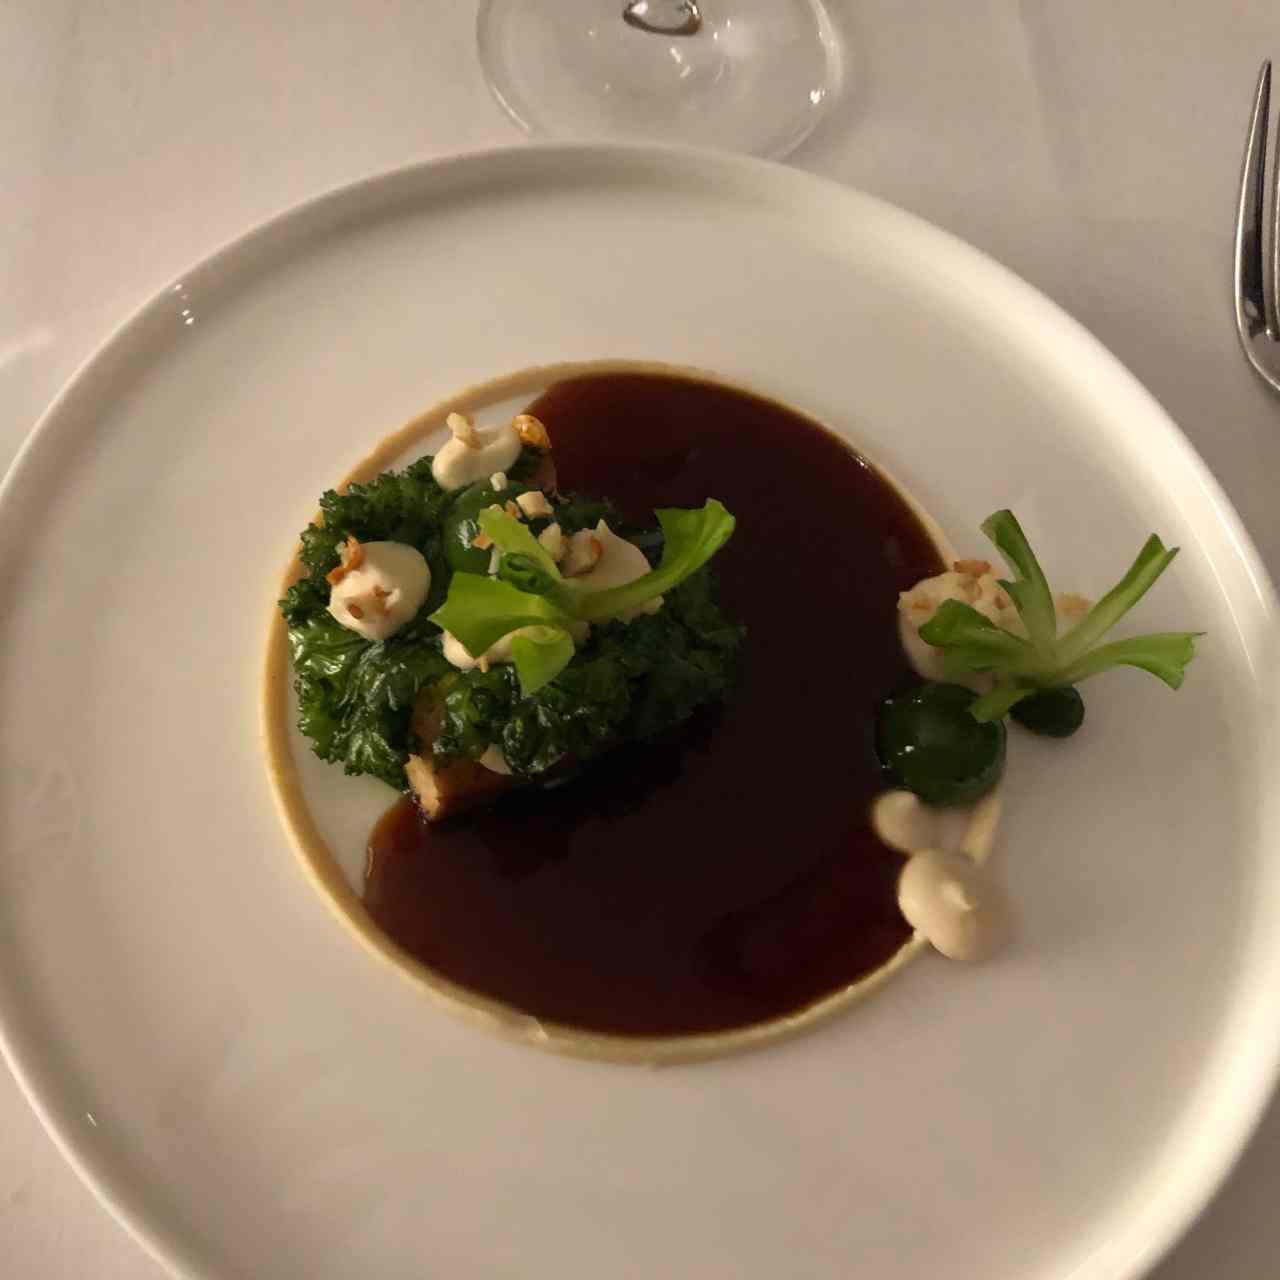 Ox & Klee vegetarian tasting menu